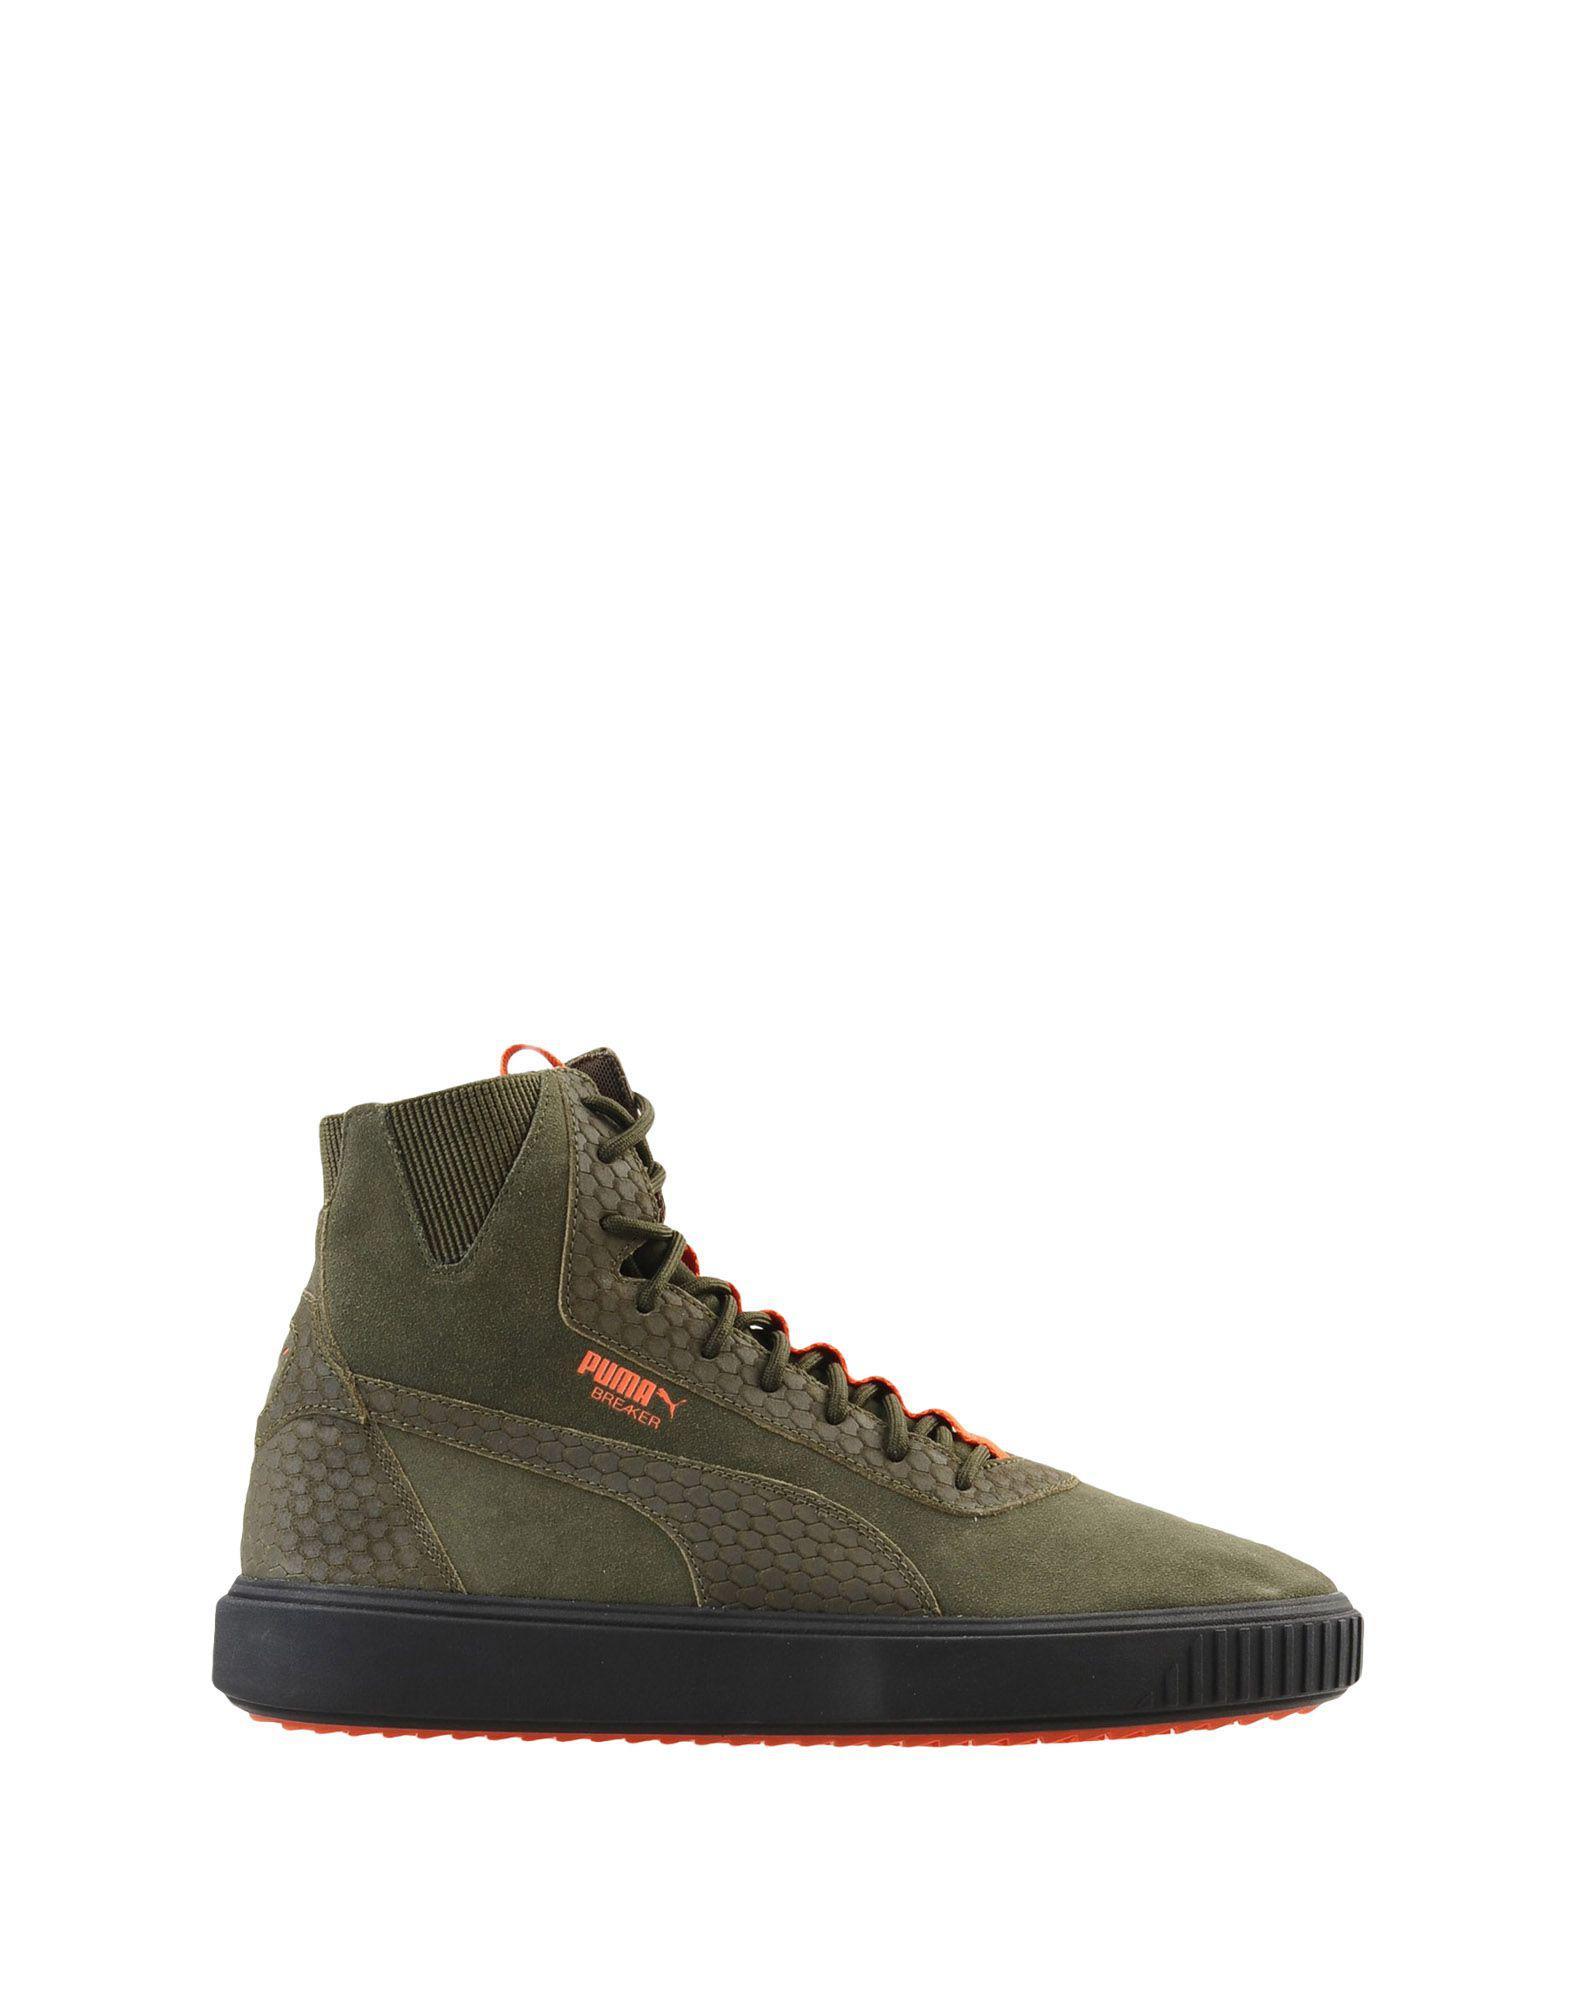 PUMA Suede High-tops \u0026 Sneakers in